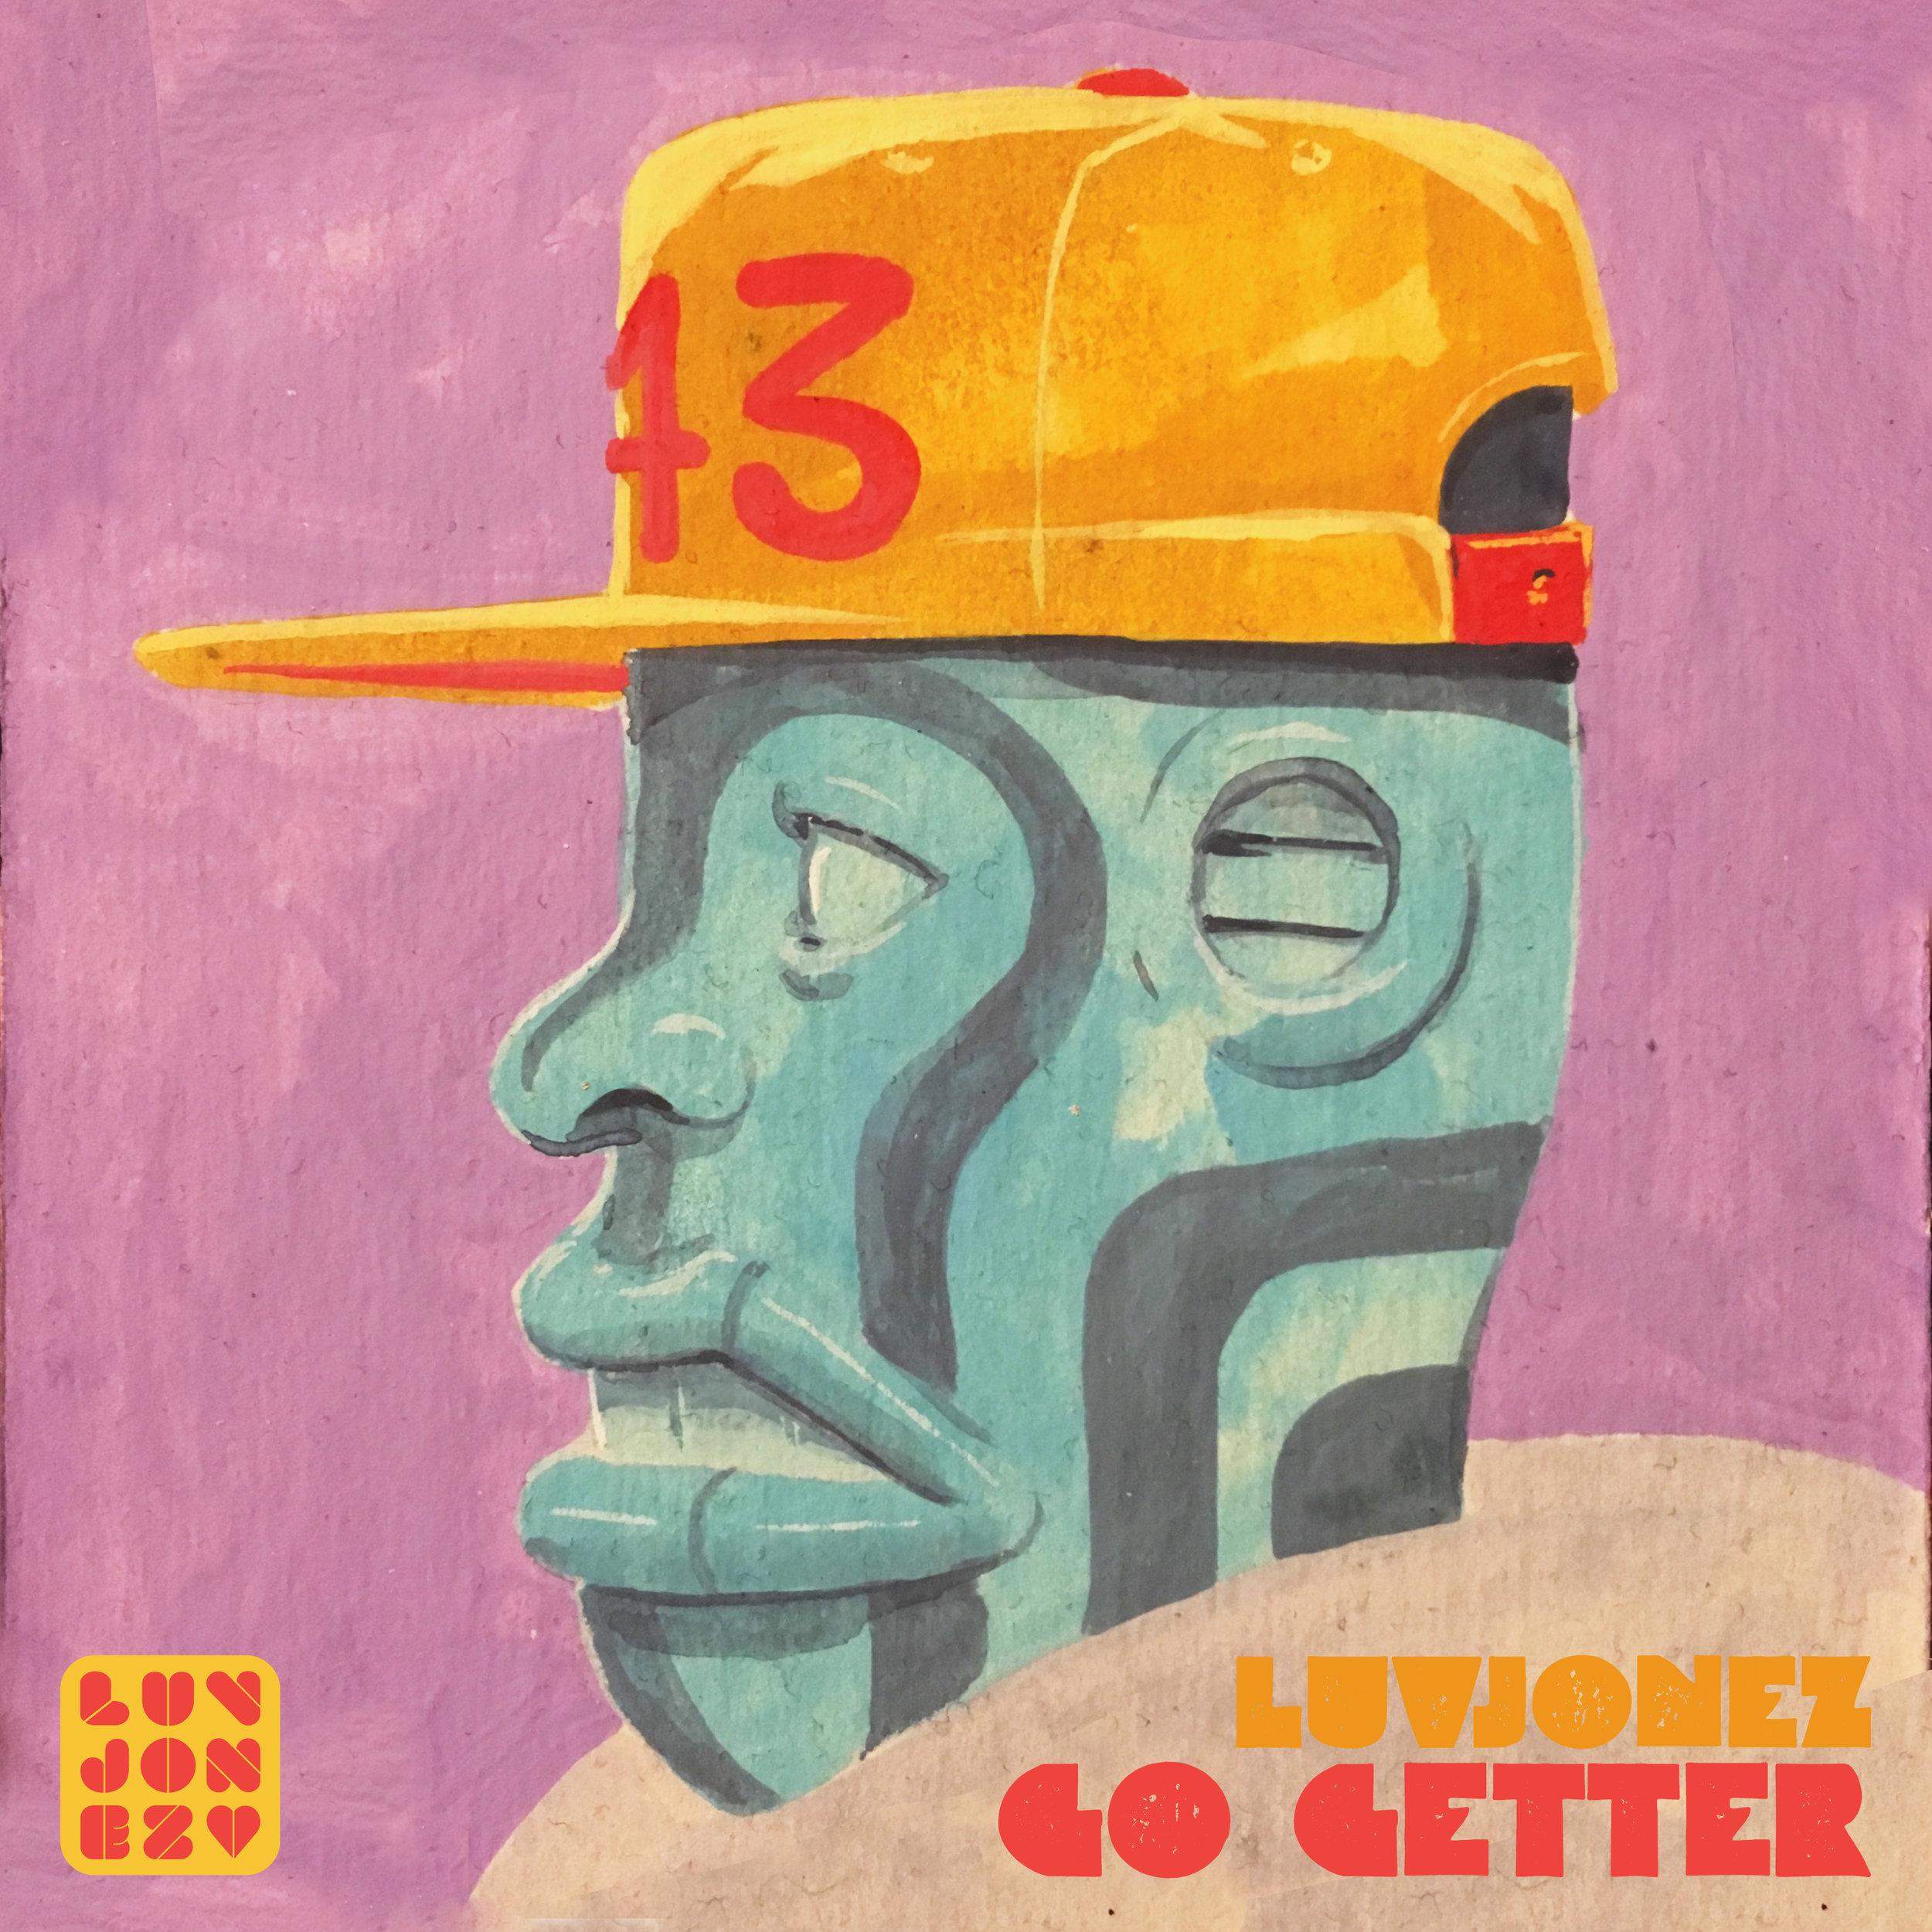 Luvjonez - Go Getter